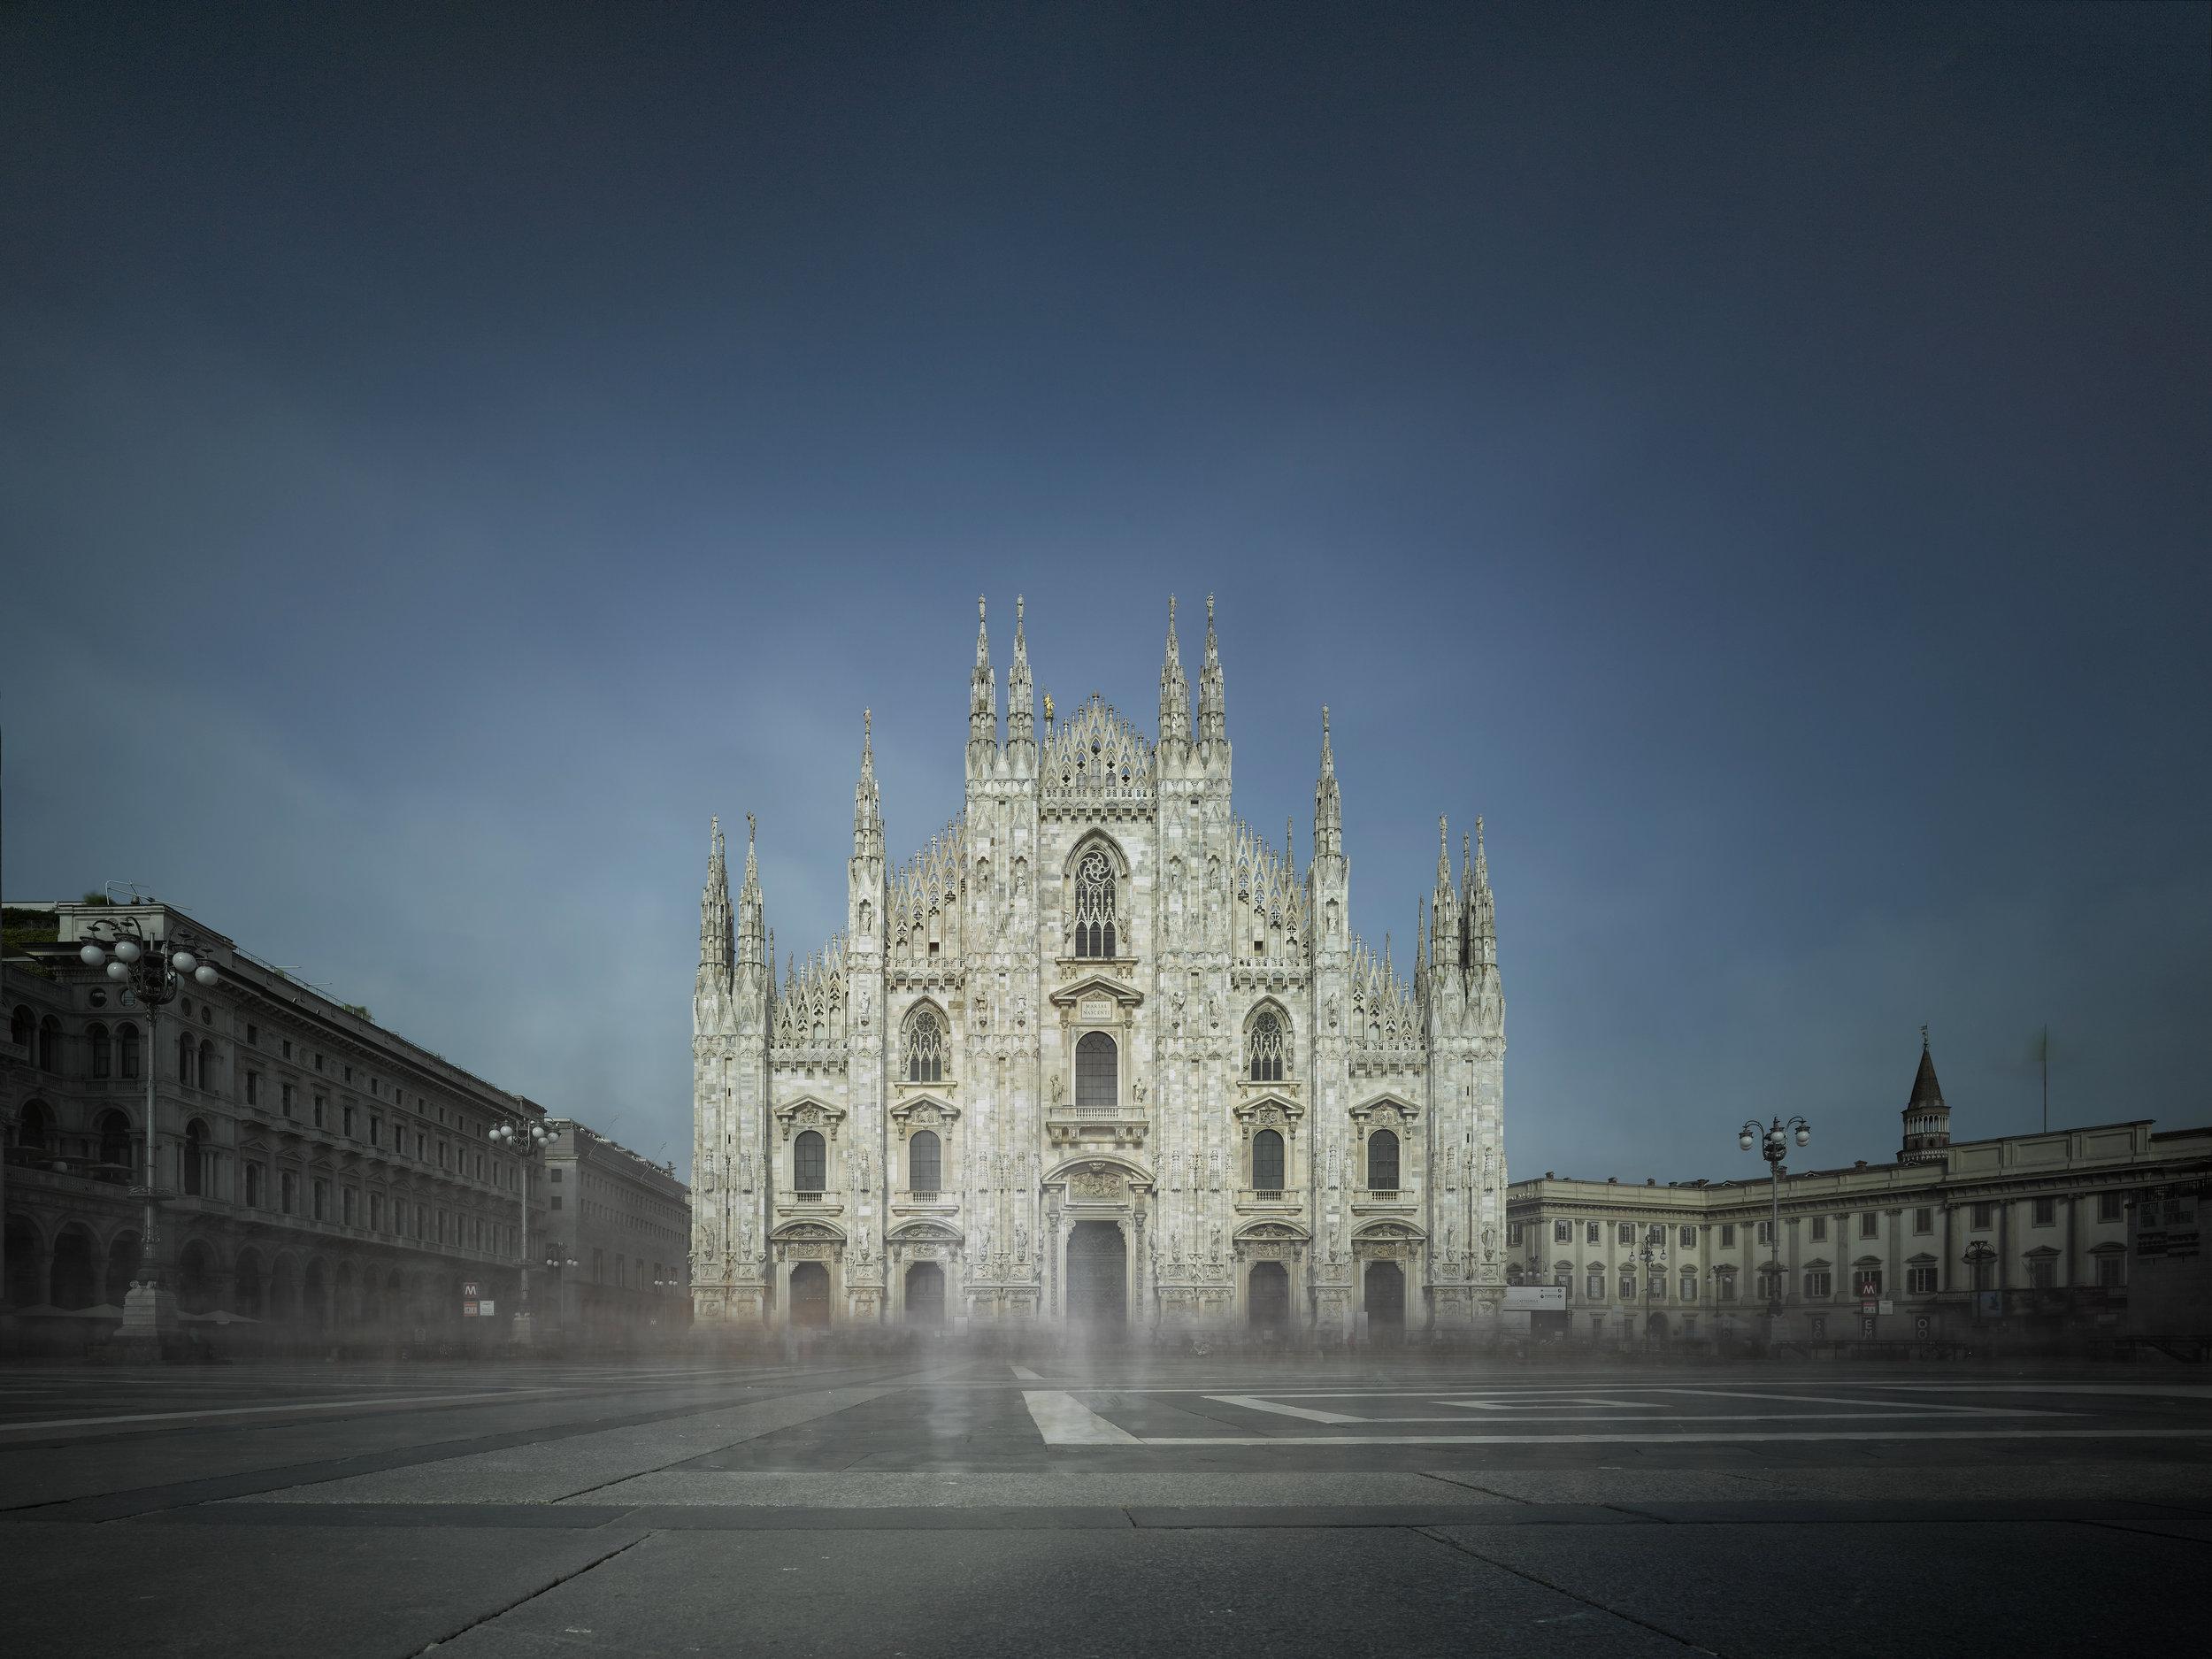 ITALIEN_MAILAND_001.JPG